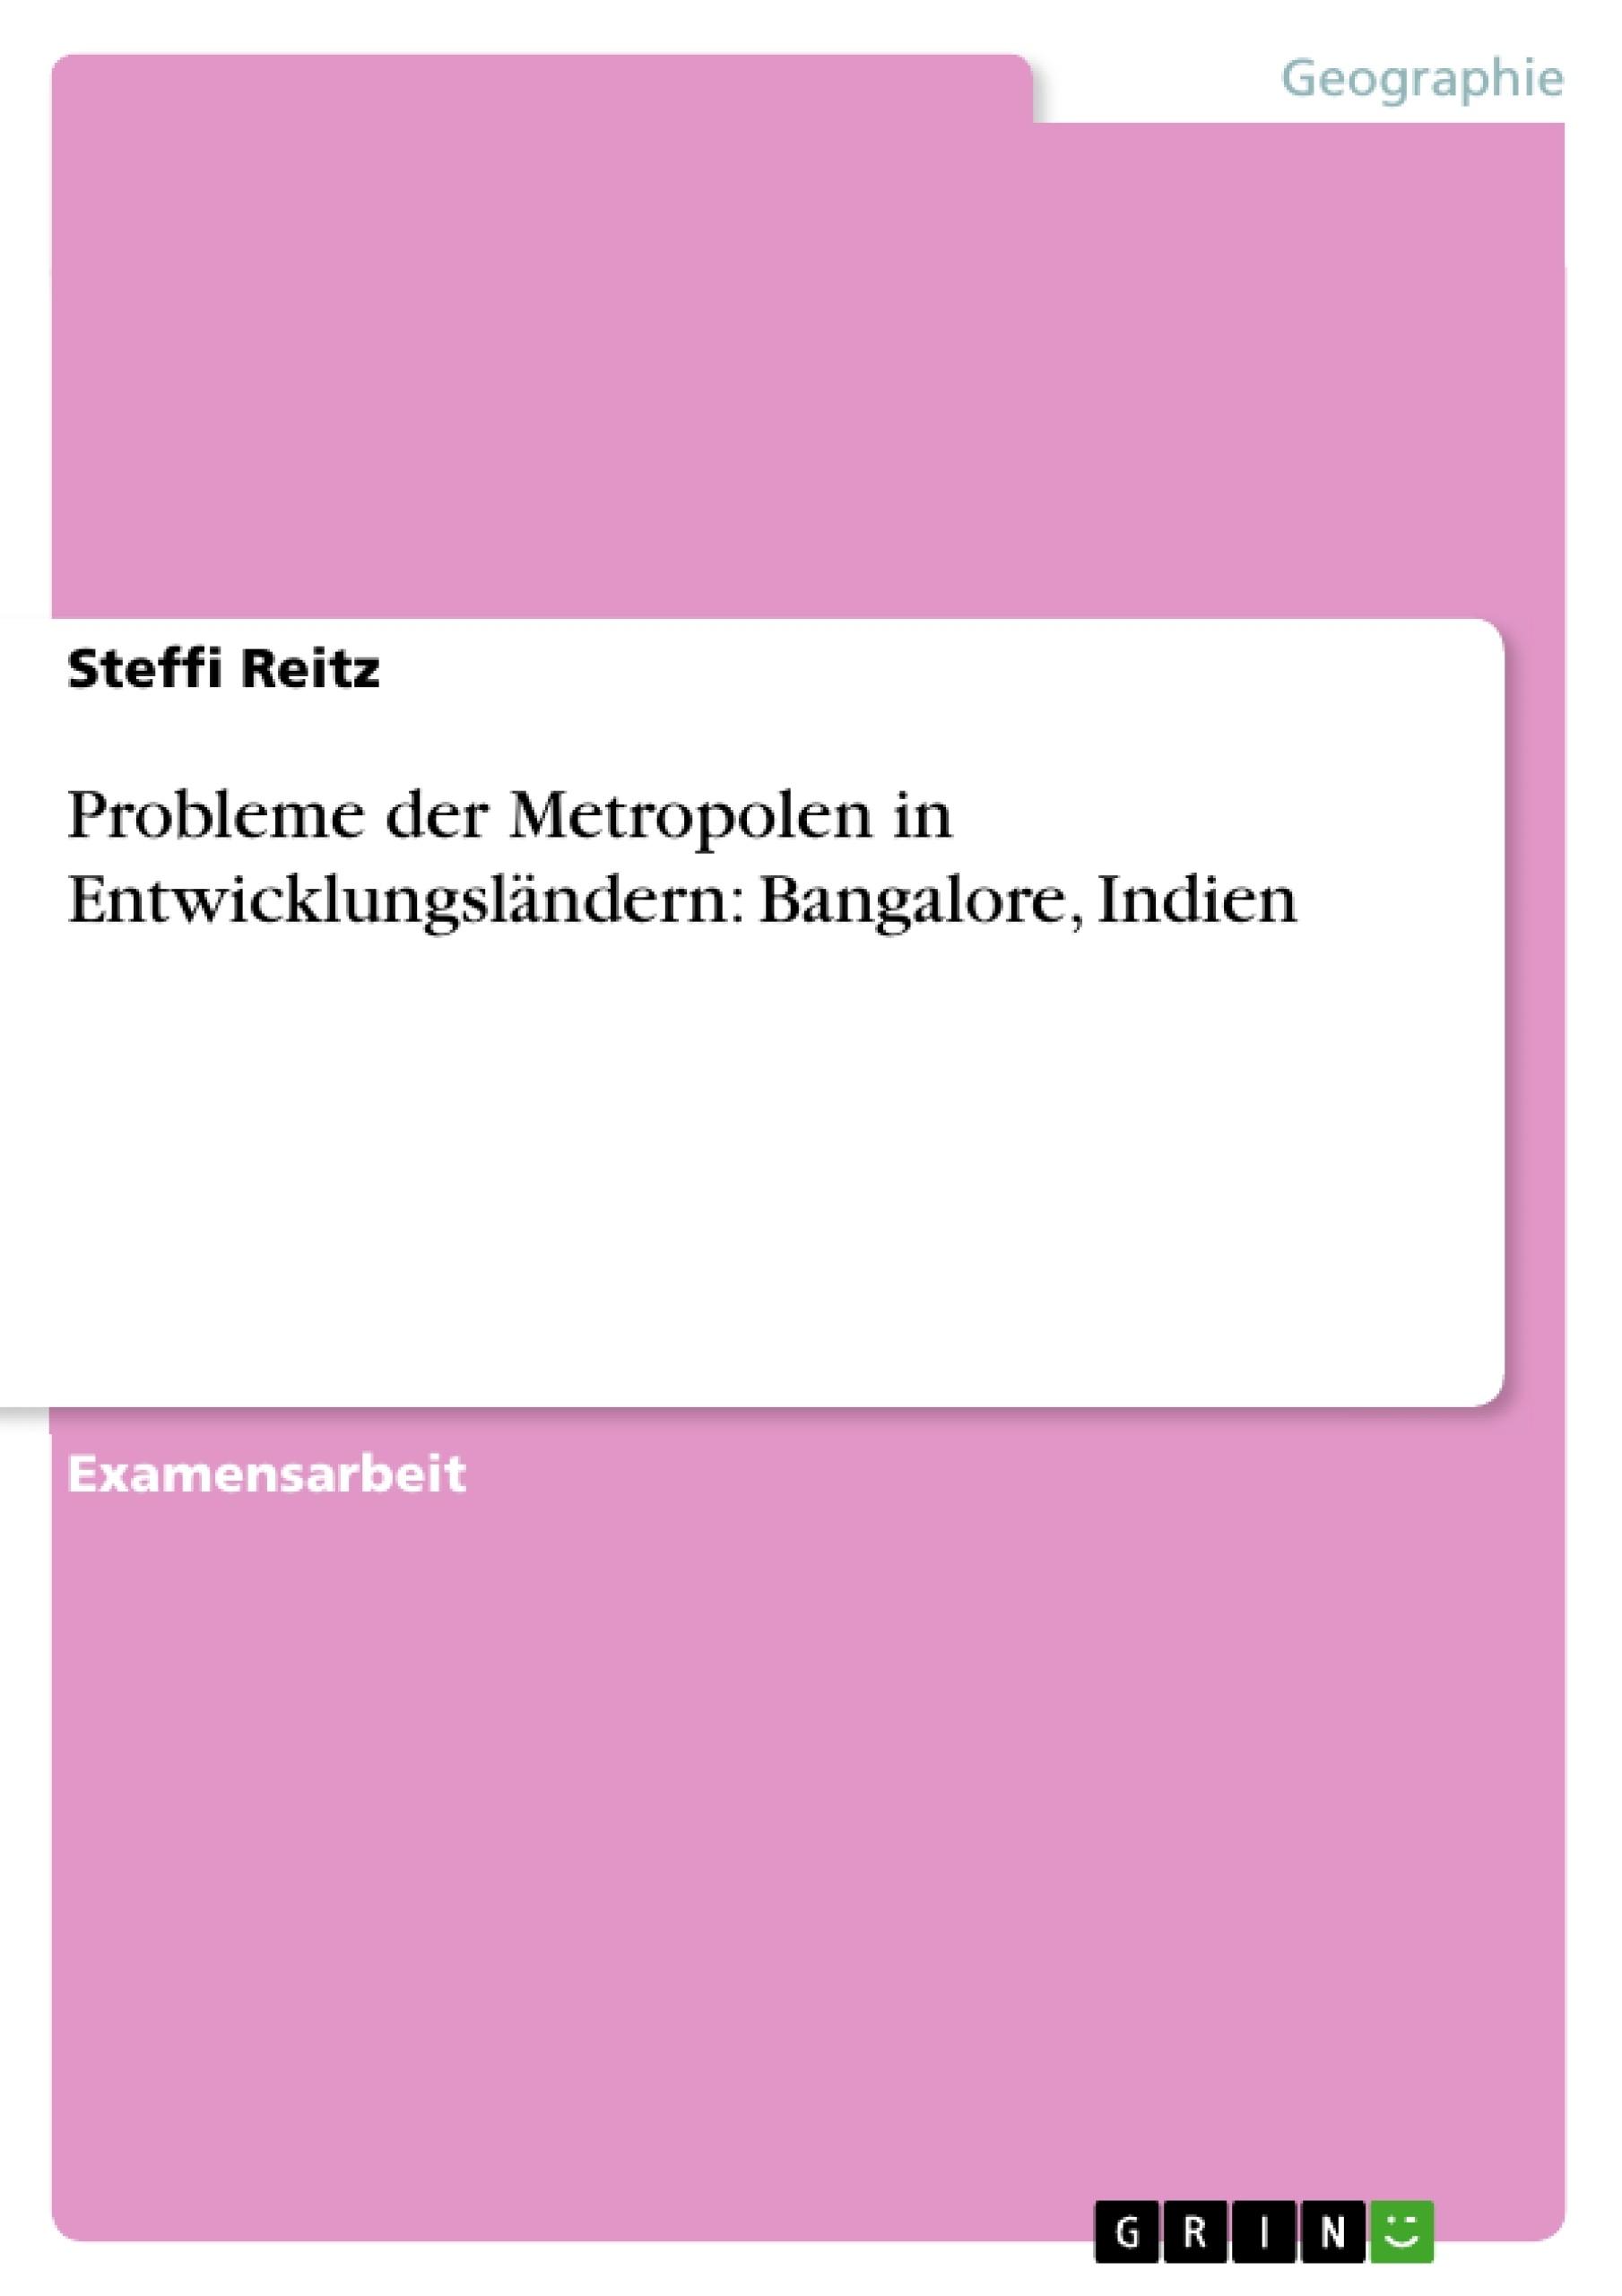 Titel: Probleme der Metropolen in Entwicklungsländern: Bangalore, Indien